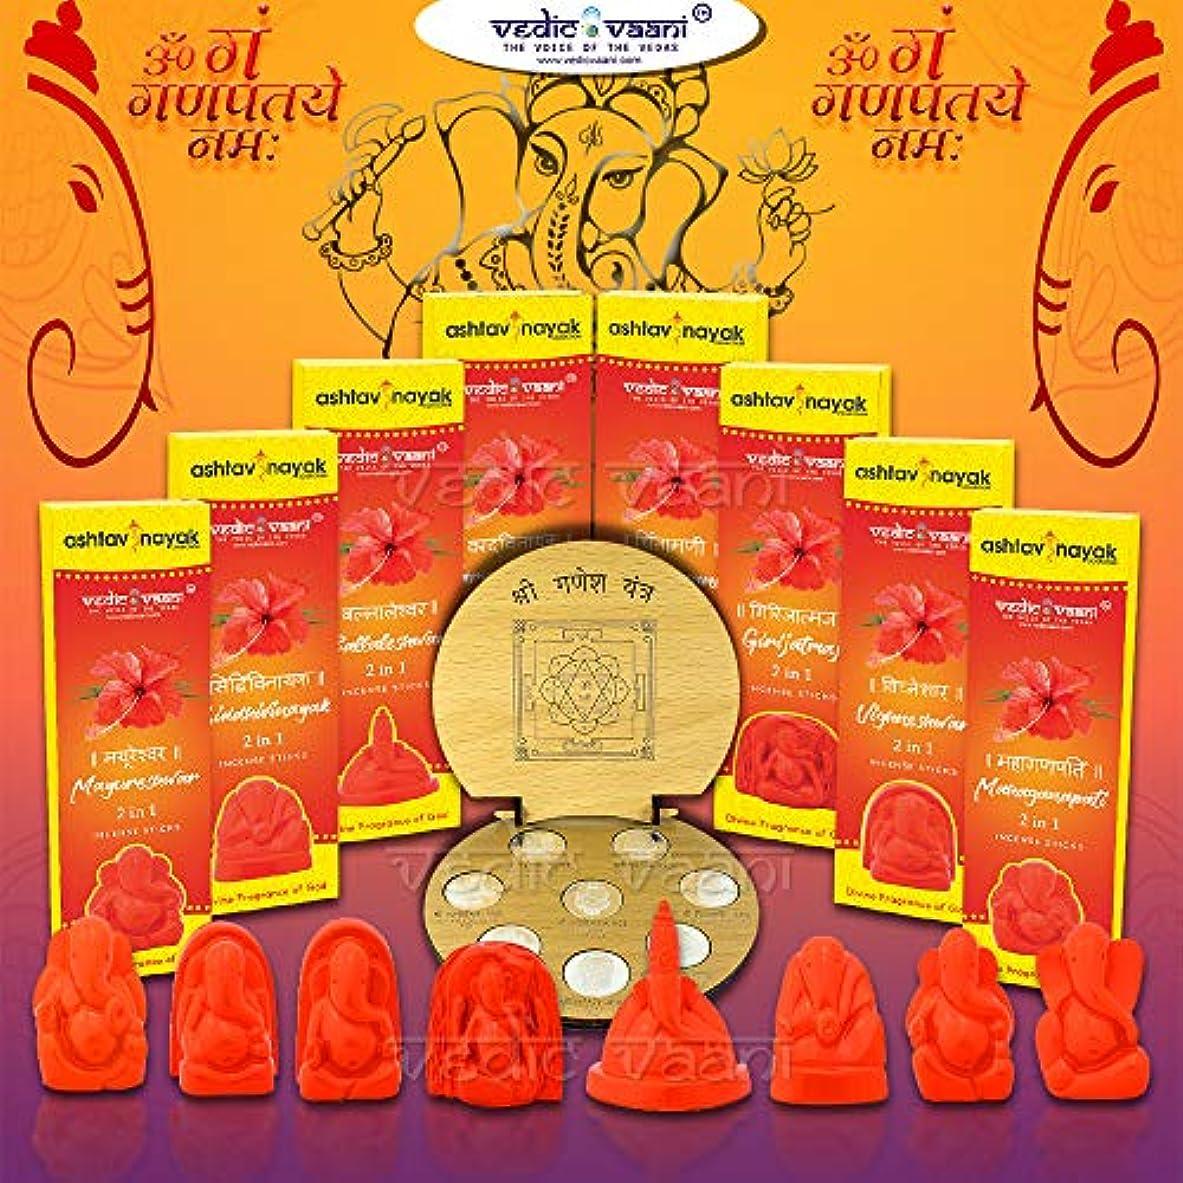 官僚ライブ頻繁にVedic Vaani Shree Ashtavinayak Darshan Yantra with Ashtavinayak Darshan Set & Ganesh Festival お香セット (各100GM)